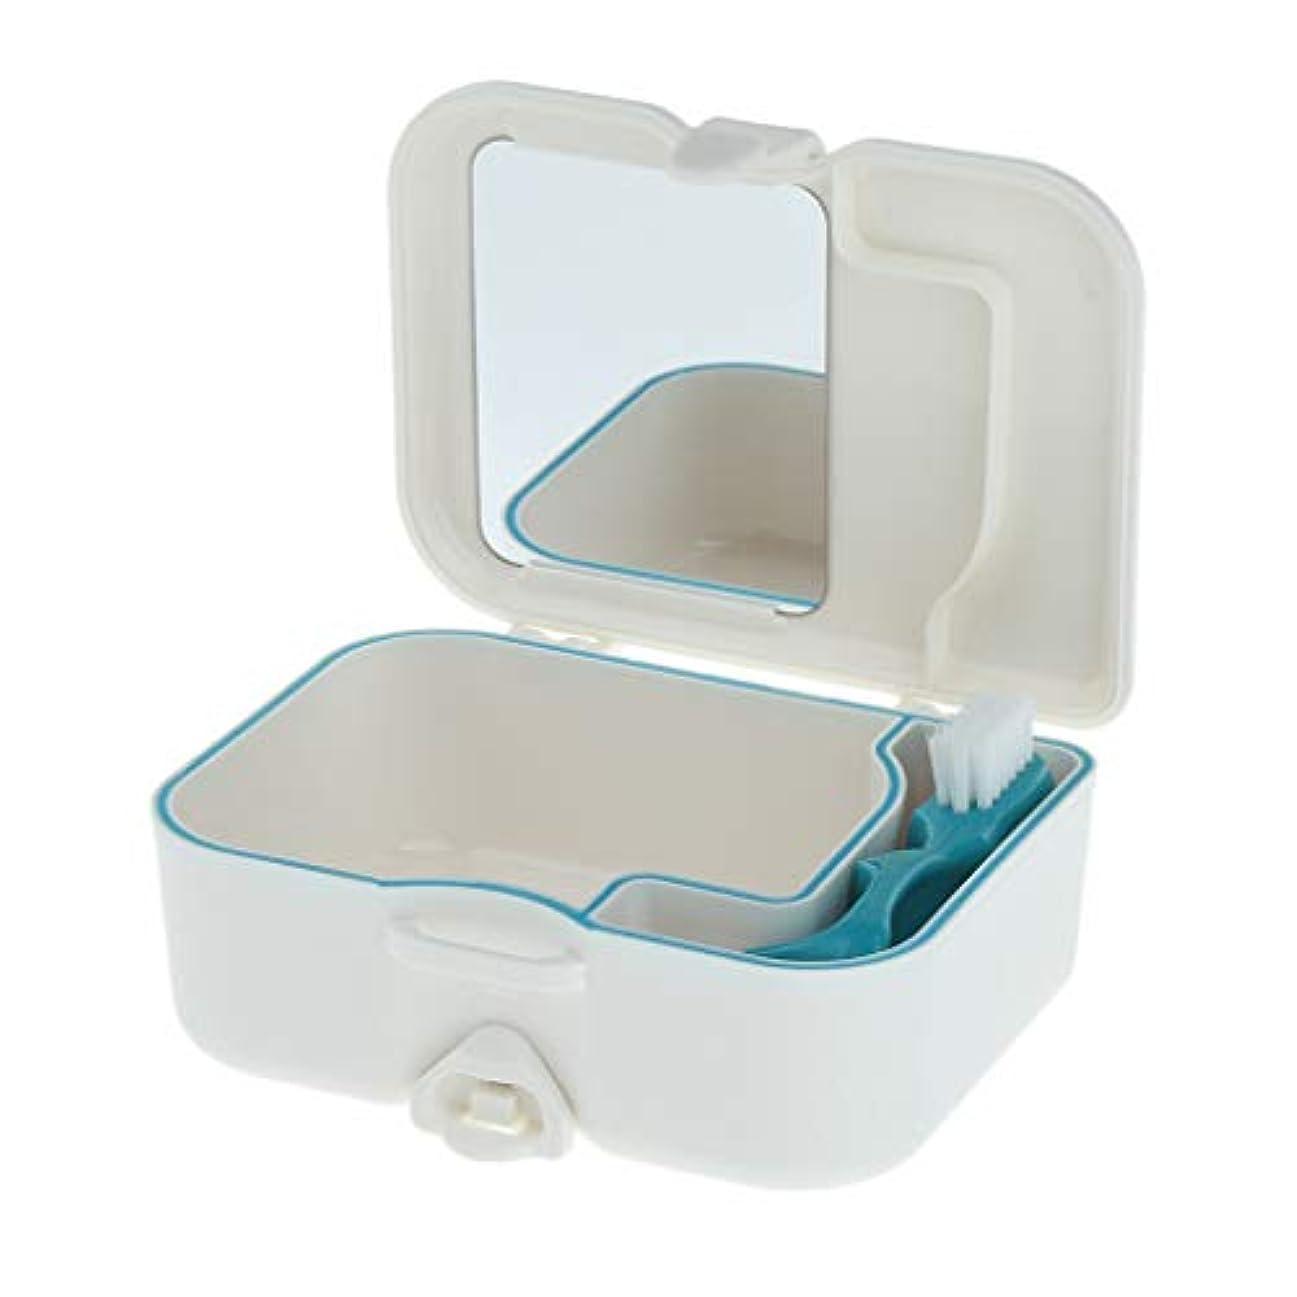 動かす貸し手供給義歯ケース 義歯容器 ミラー/ブラシ付 旅行